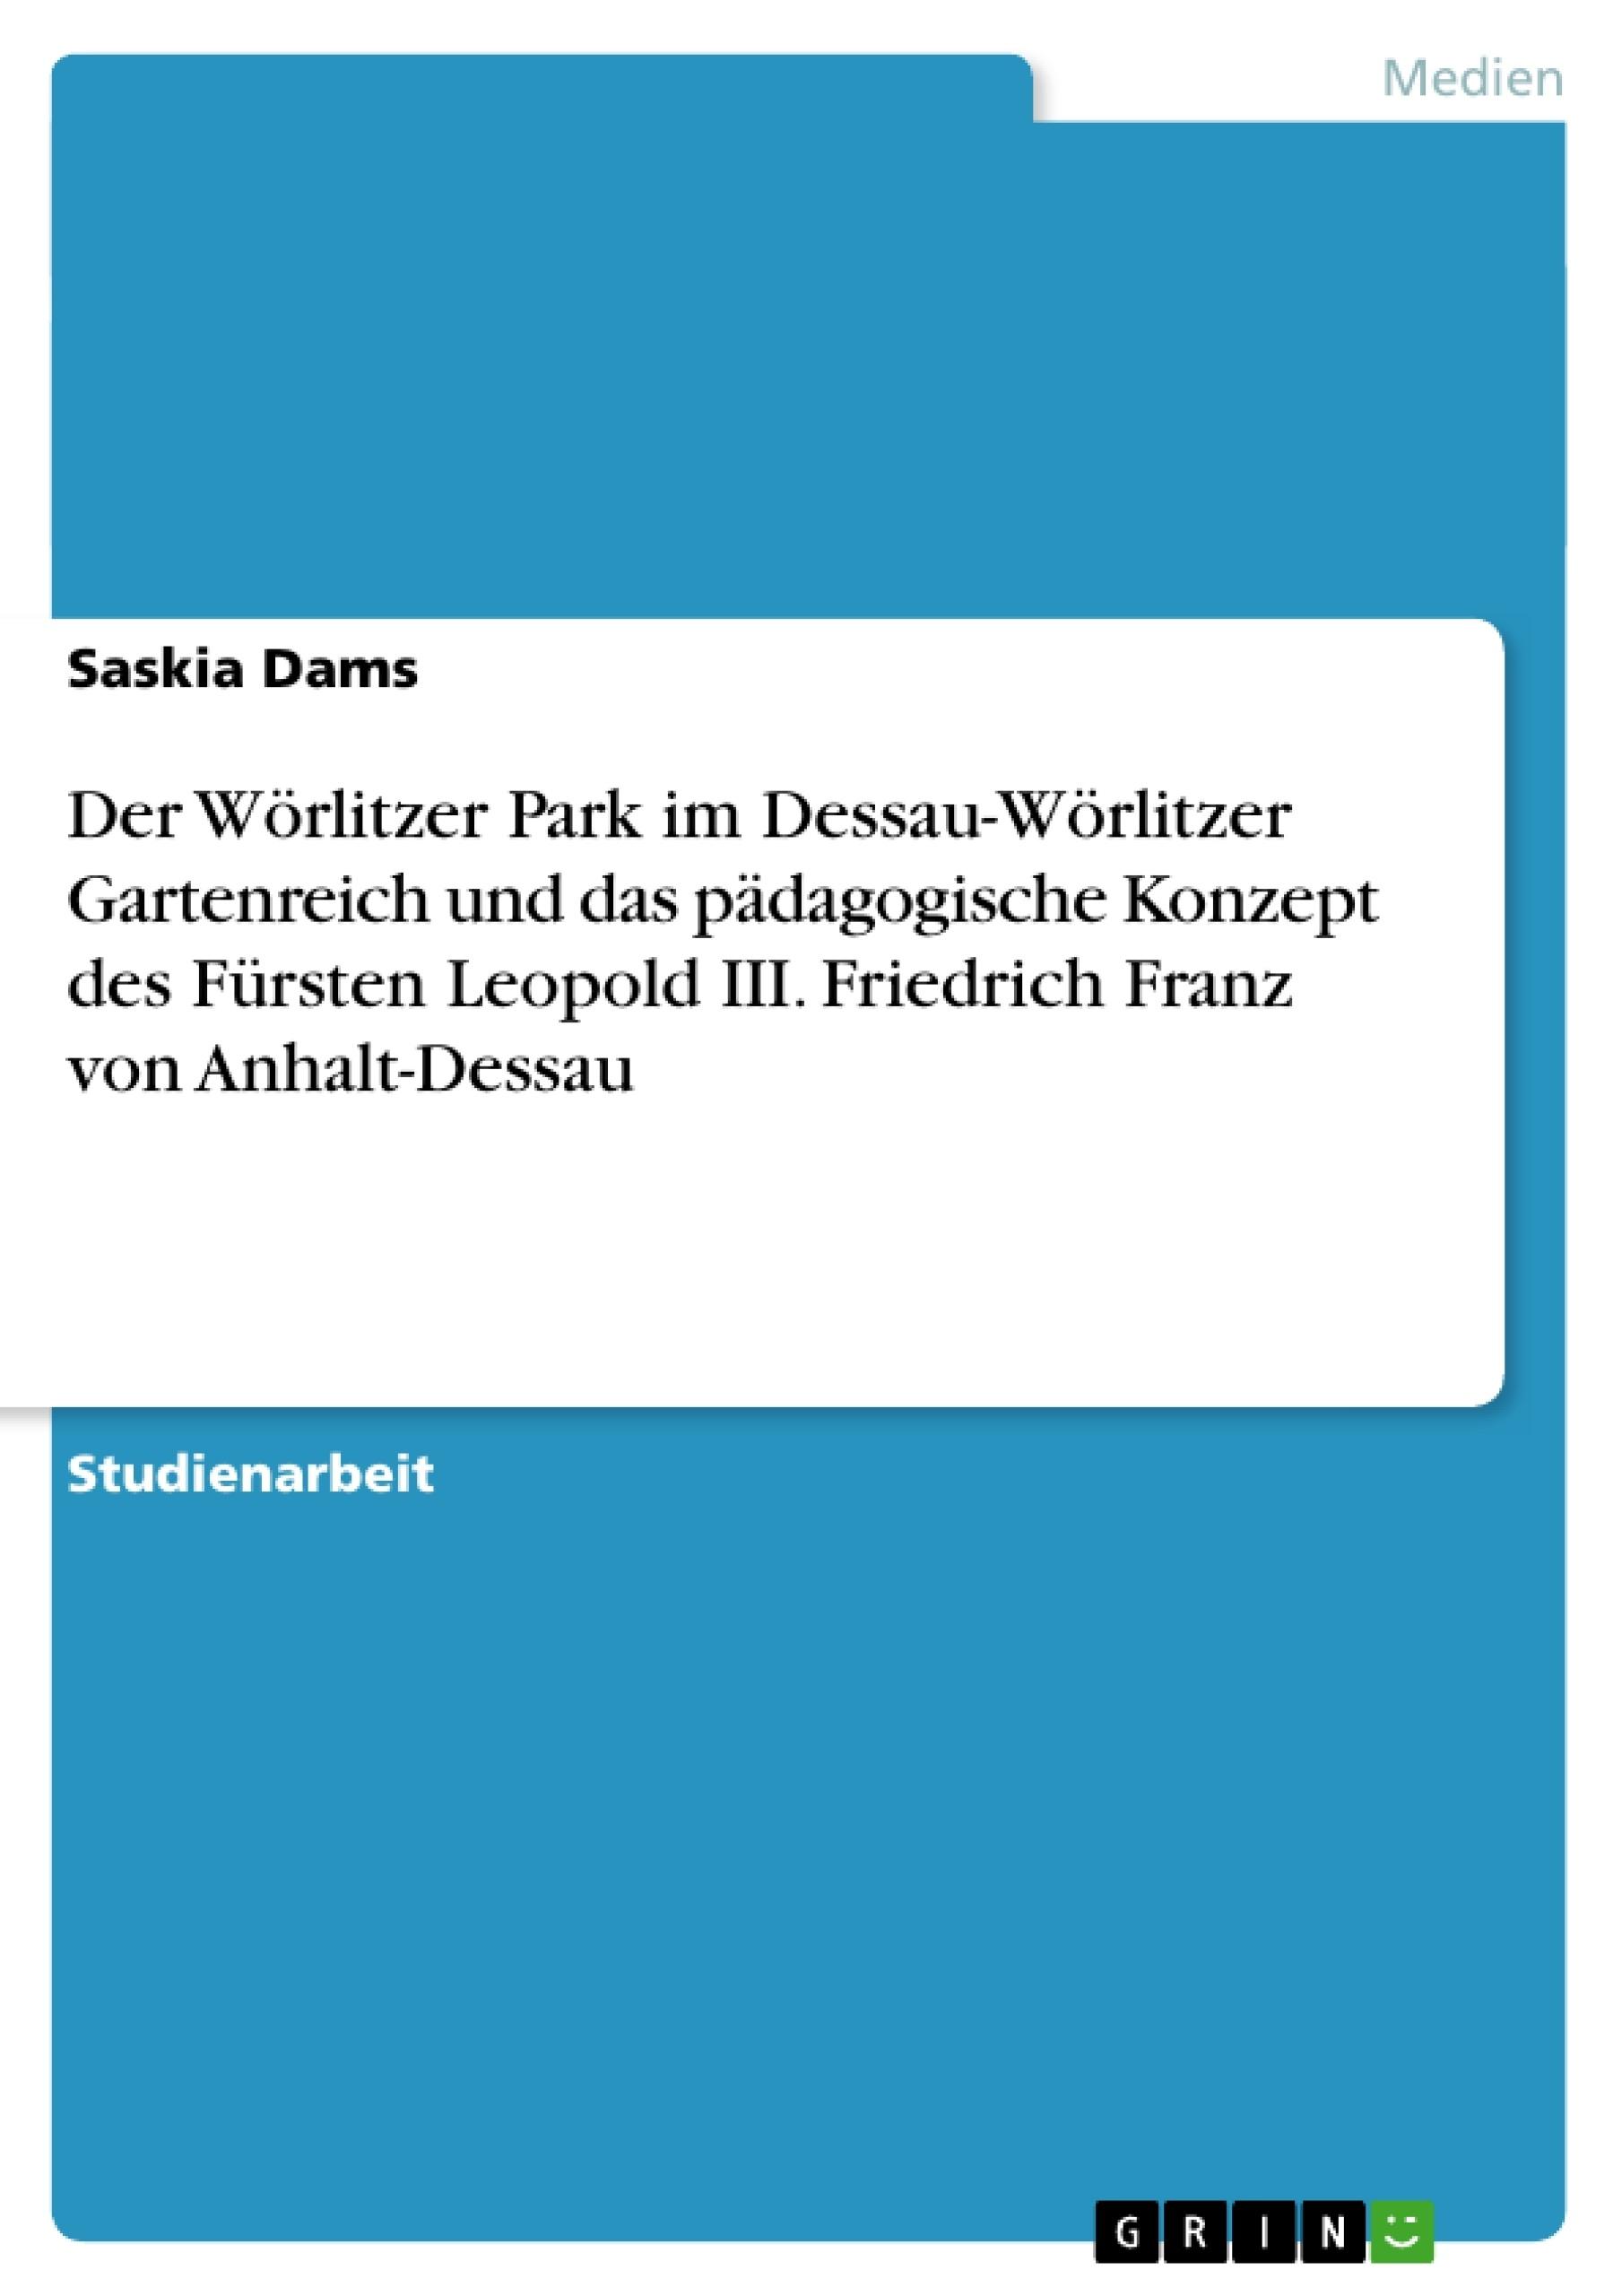 Titel: Der Wörlitzer Park im Dessau-Wörlitzer Gartenreich und das pädagogische Konzept des Fürsten Leopold III. Friedrich Franz von Anhalt-Dessau